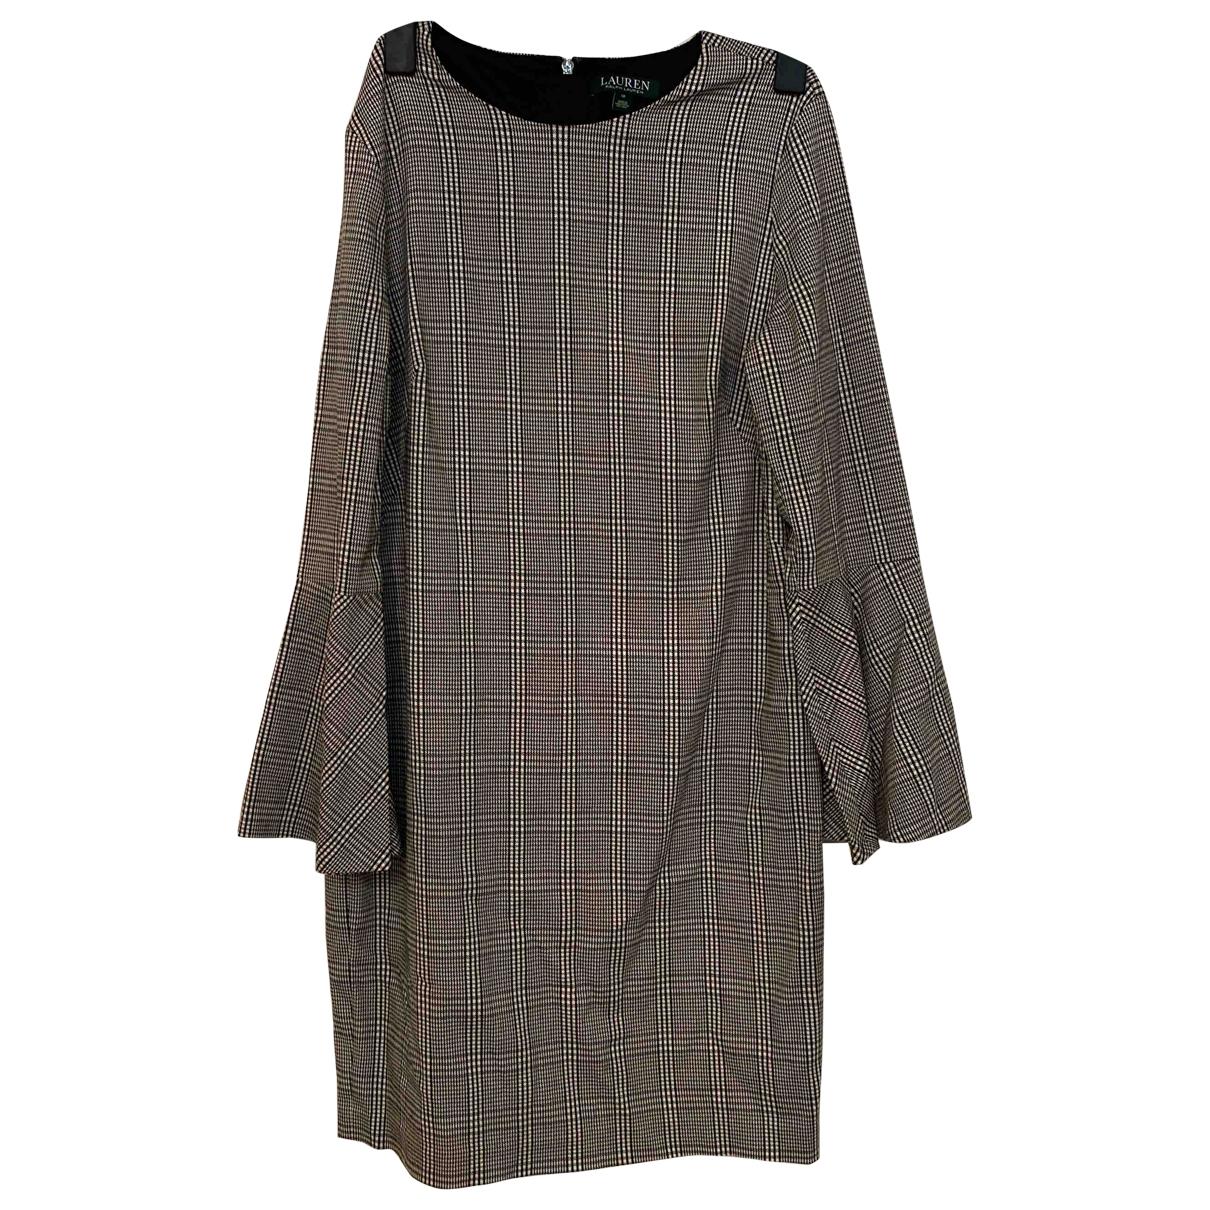 Lauren Ralph Lauren \N Kleid in  Grau Baumwolle - Elasthan